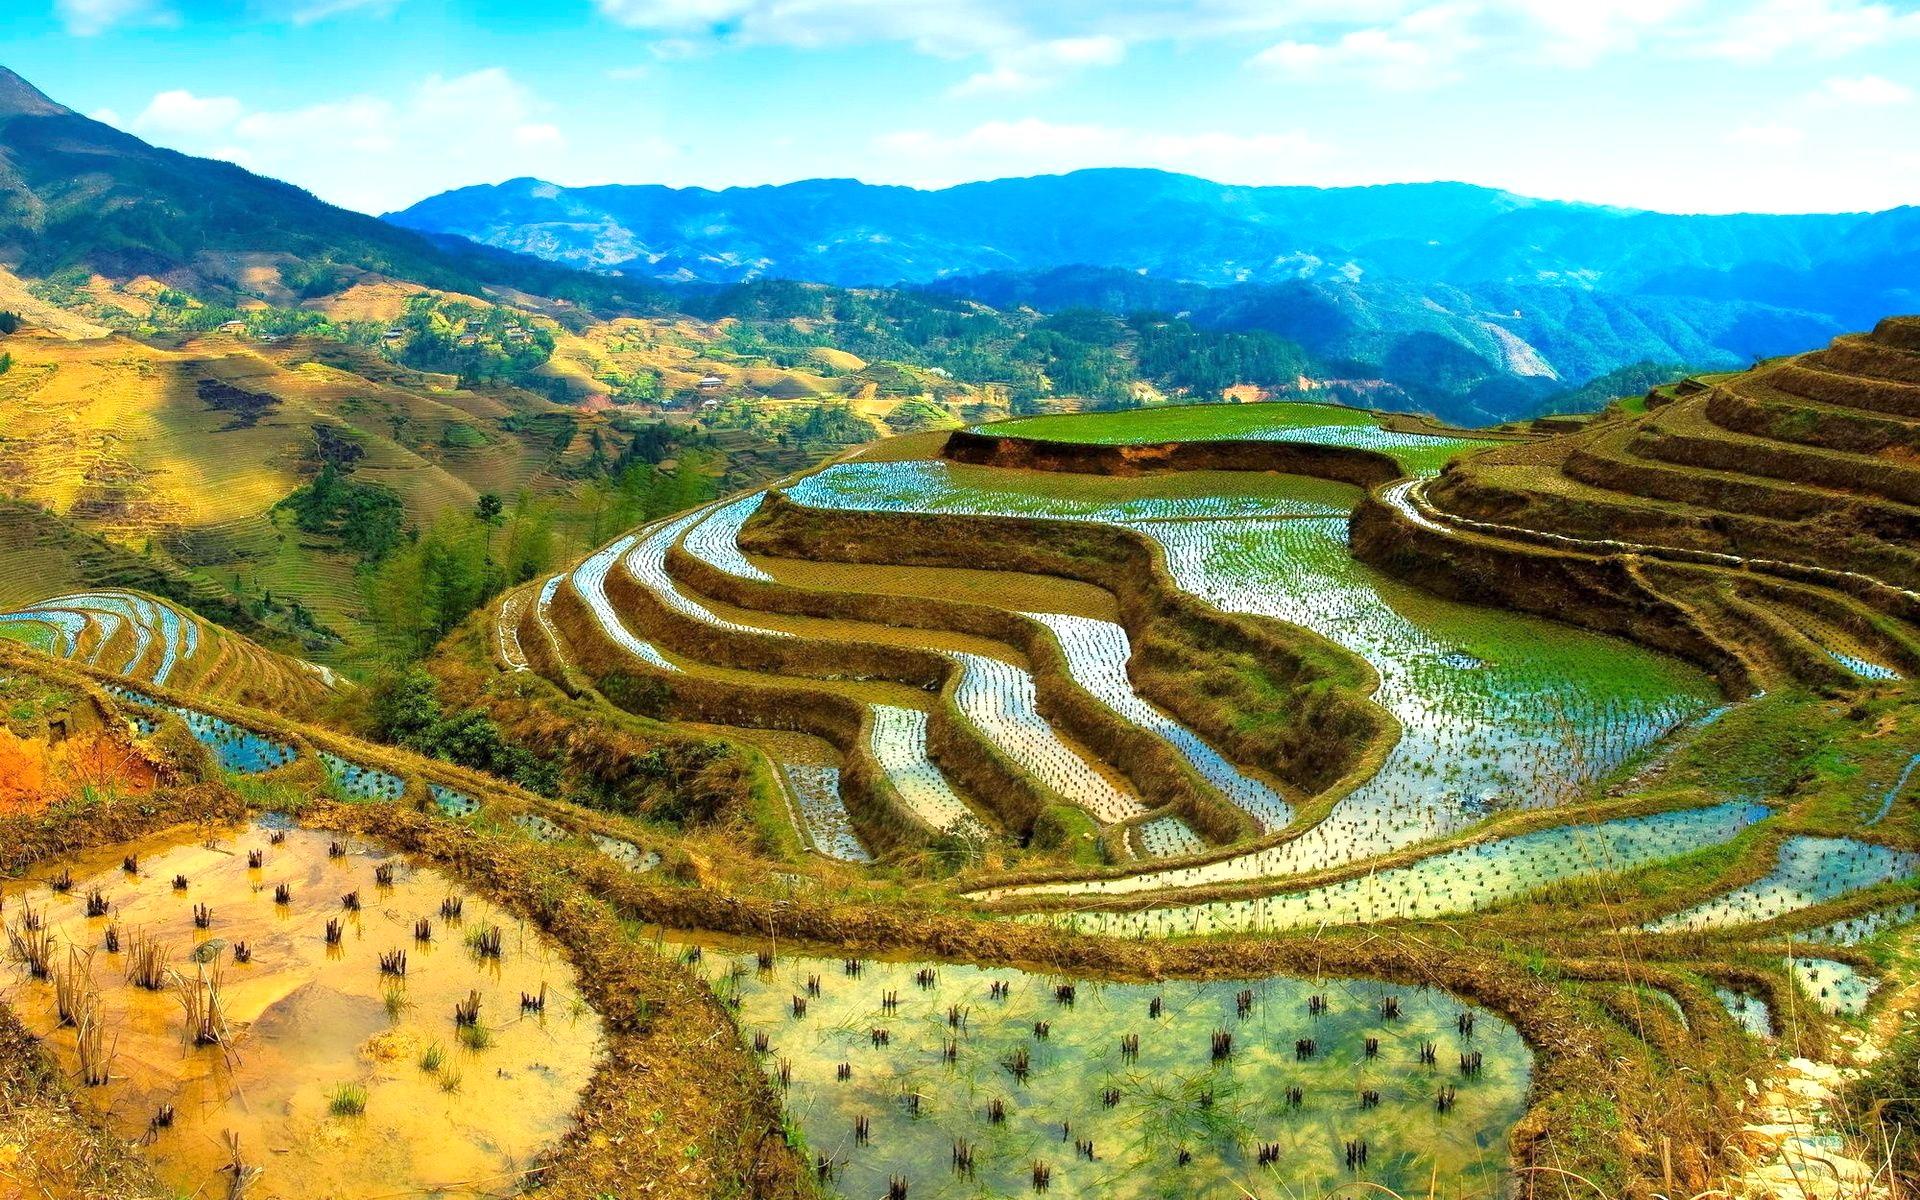 необыкновенное чудо рисовые террасы